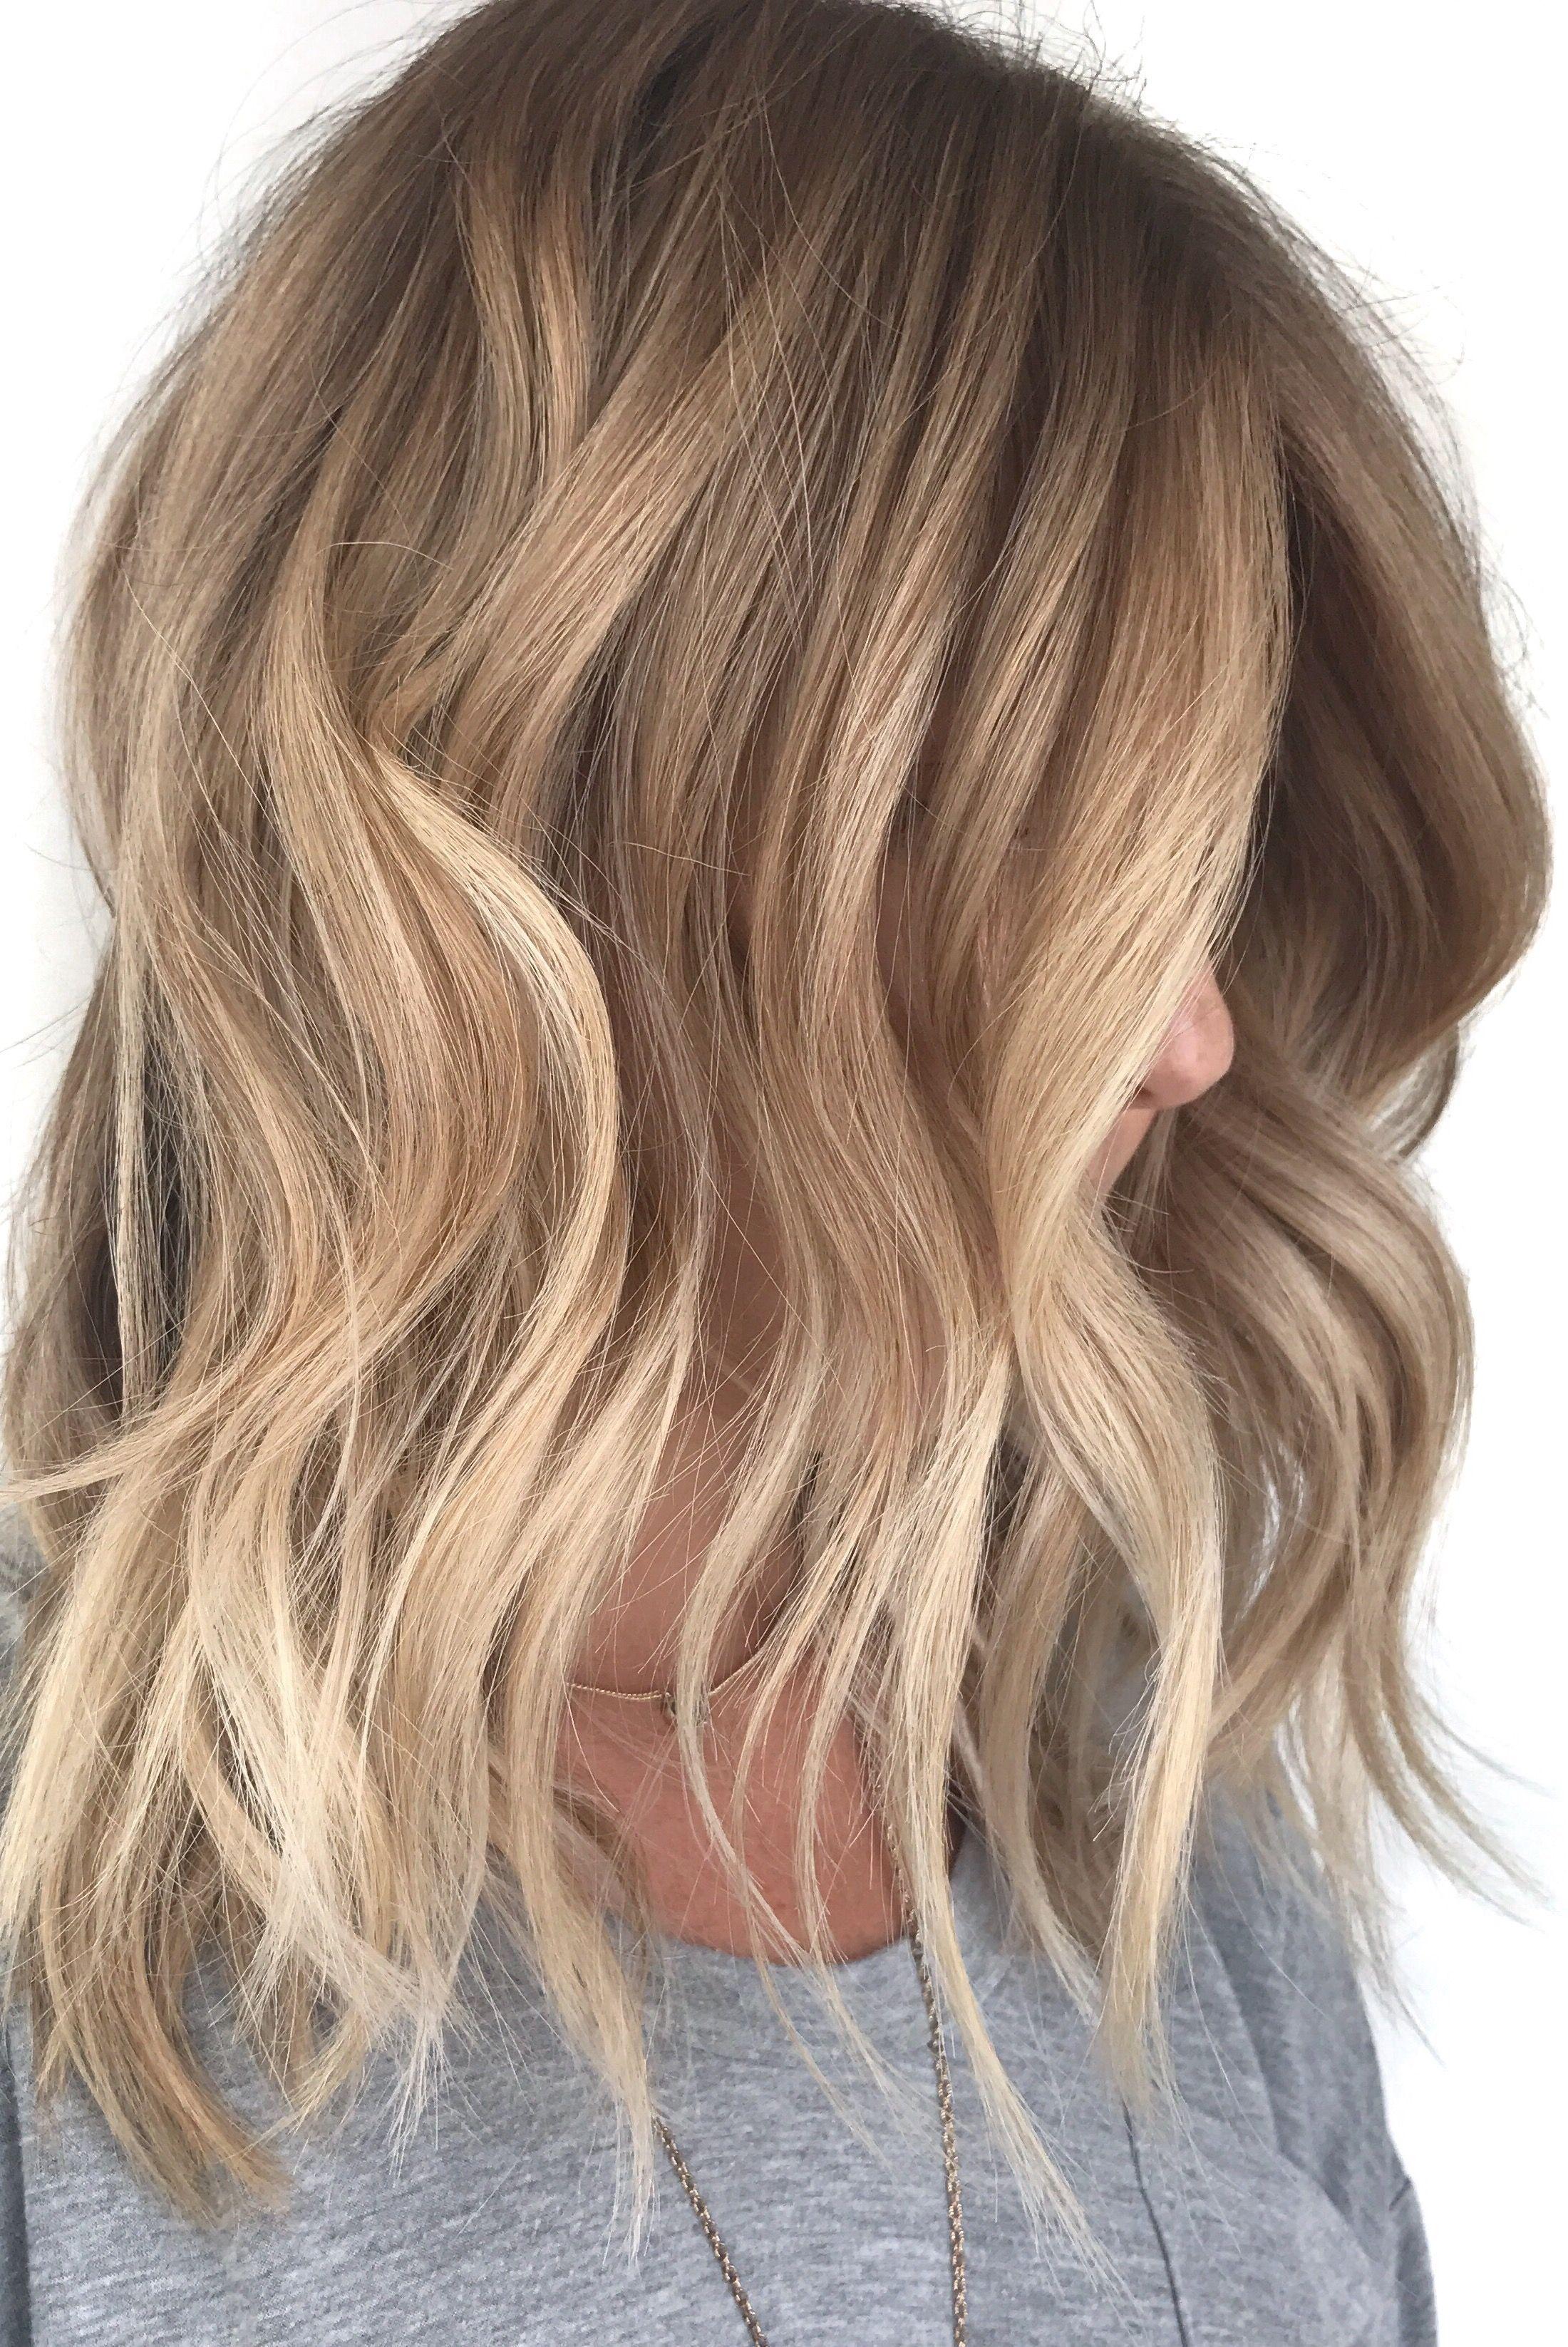 Blonde Balayage ; Natural Blonde Highlights ; Loose Waves | Blonde #hair #hairst…